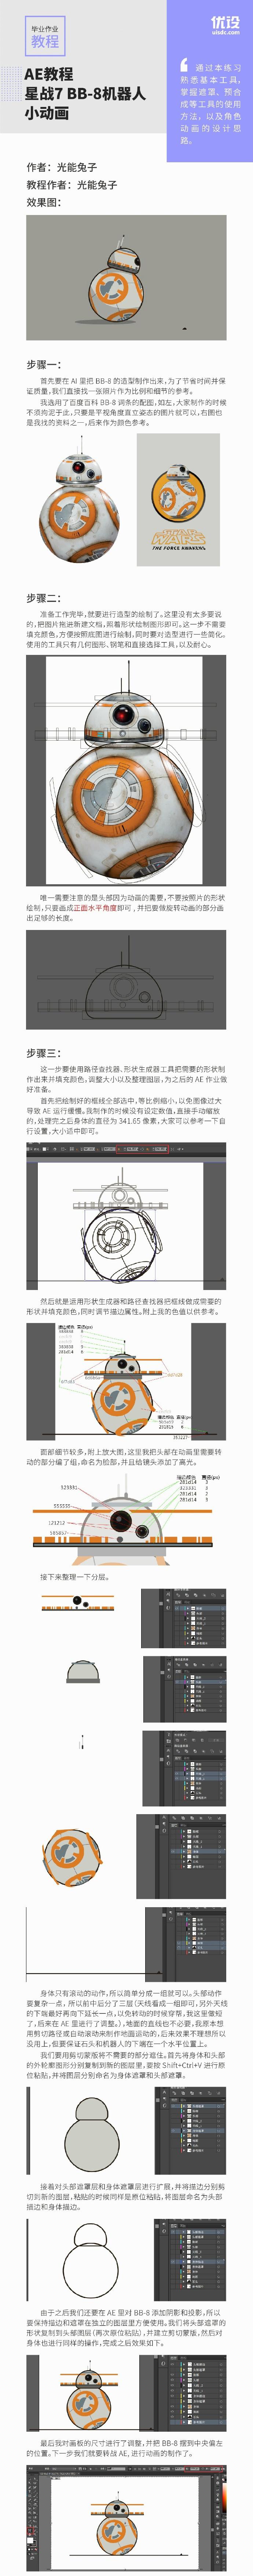 AI+AE教程!教你制作可爱的BB-8机器人小动画